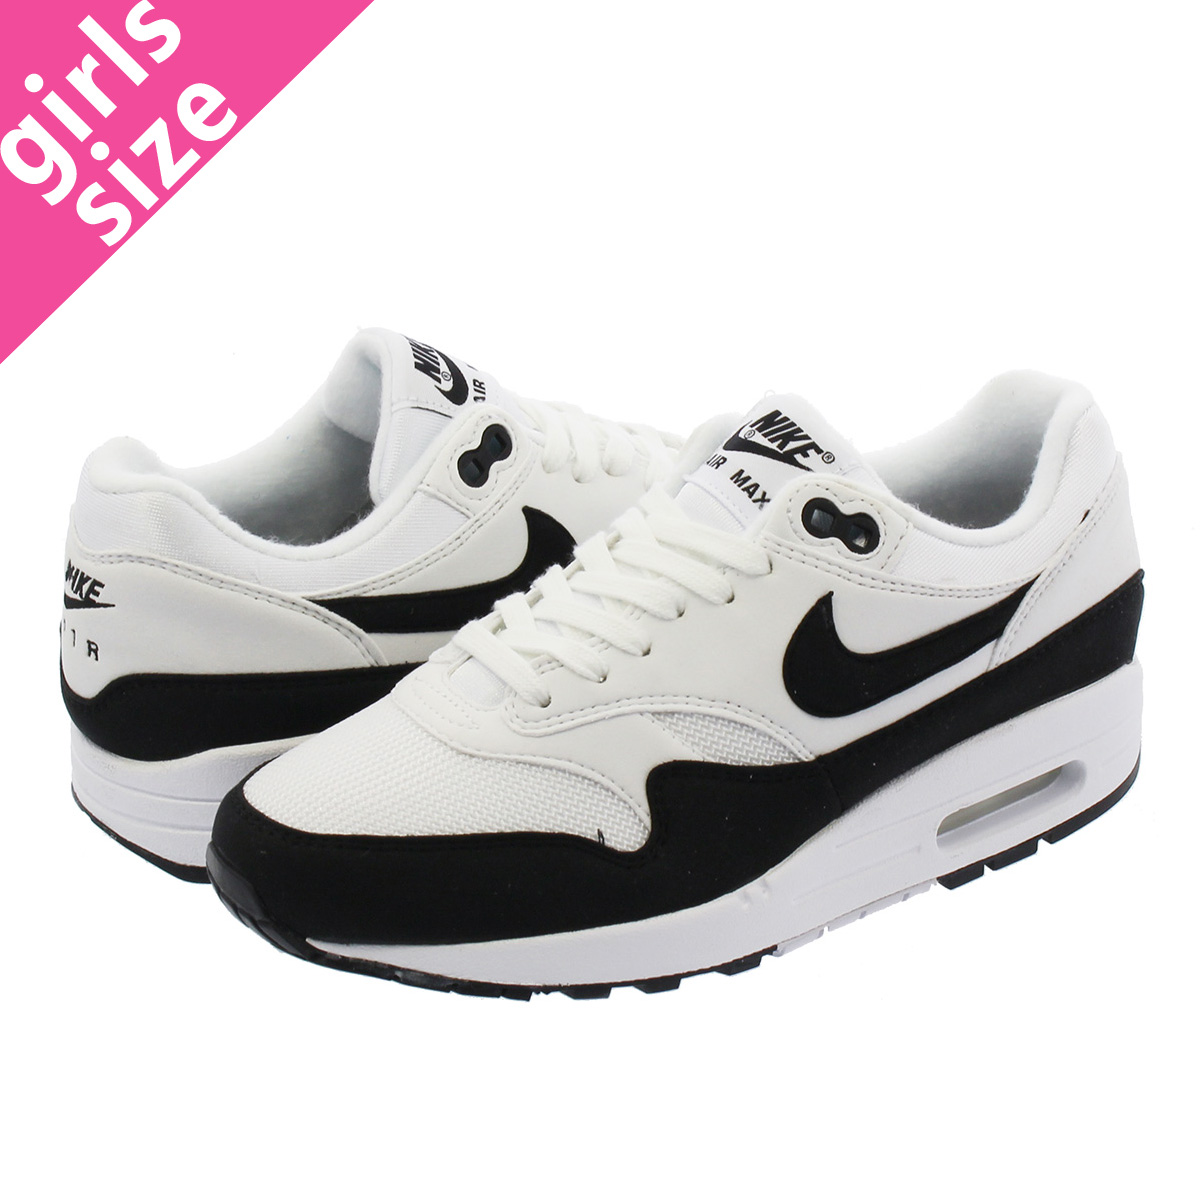 NIKE WMNS AIR MAX 1 Nike women Air Max 1 WHITEBLACK 319,986 109